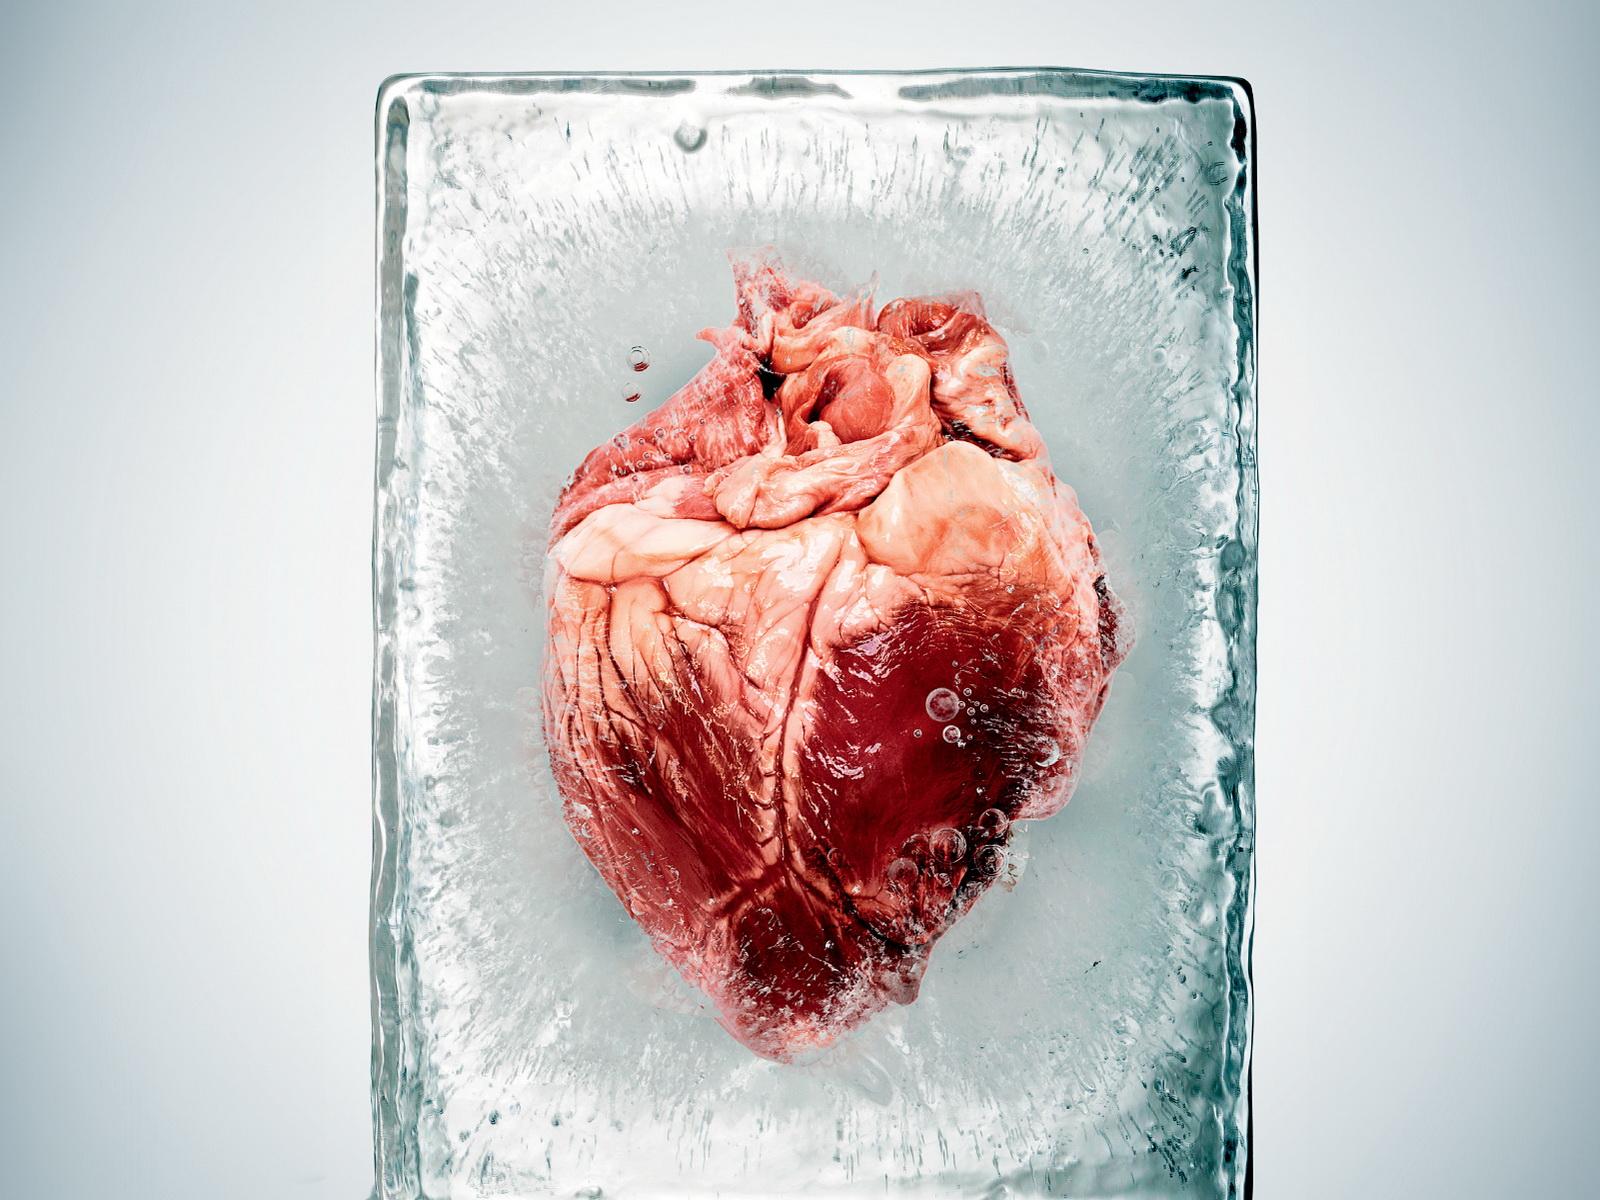 Hintergrundbilder : Herz, rot, Eis, Haut, Kopf, Farbe, Blume, Auge ...